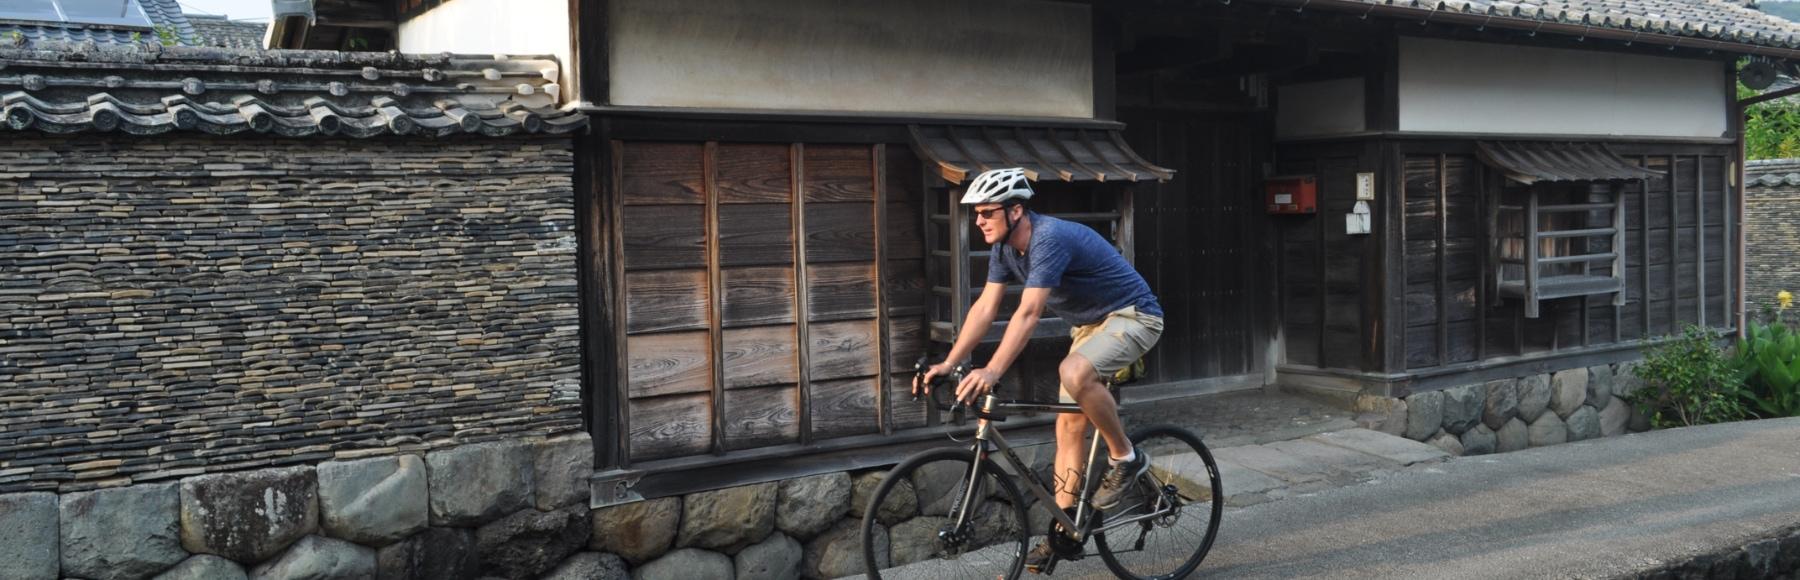 masthead-tour-kyoto